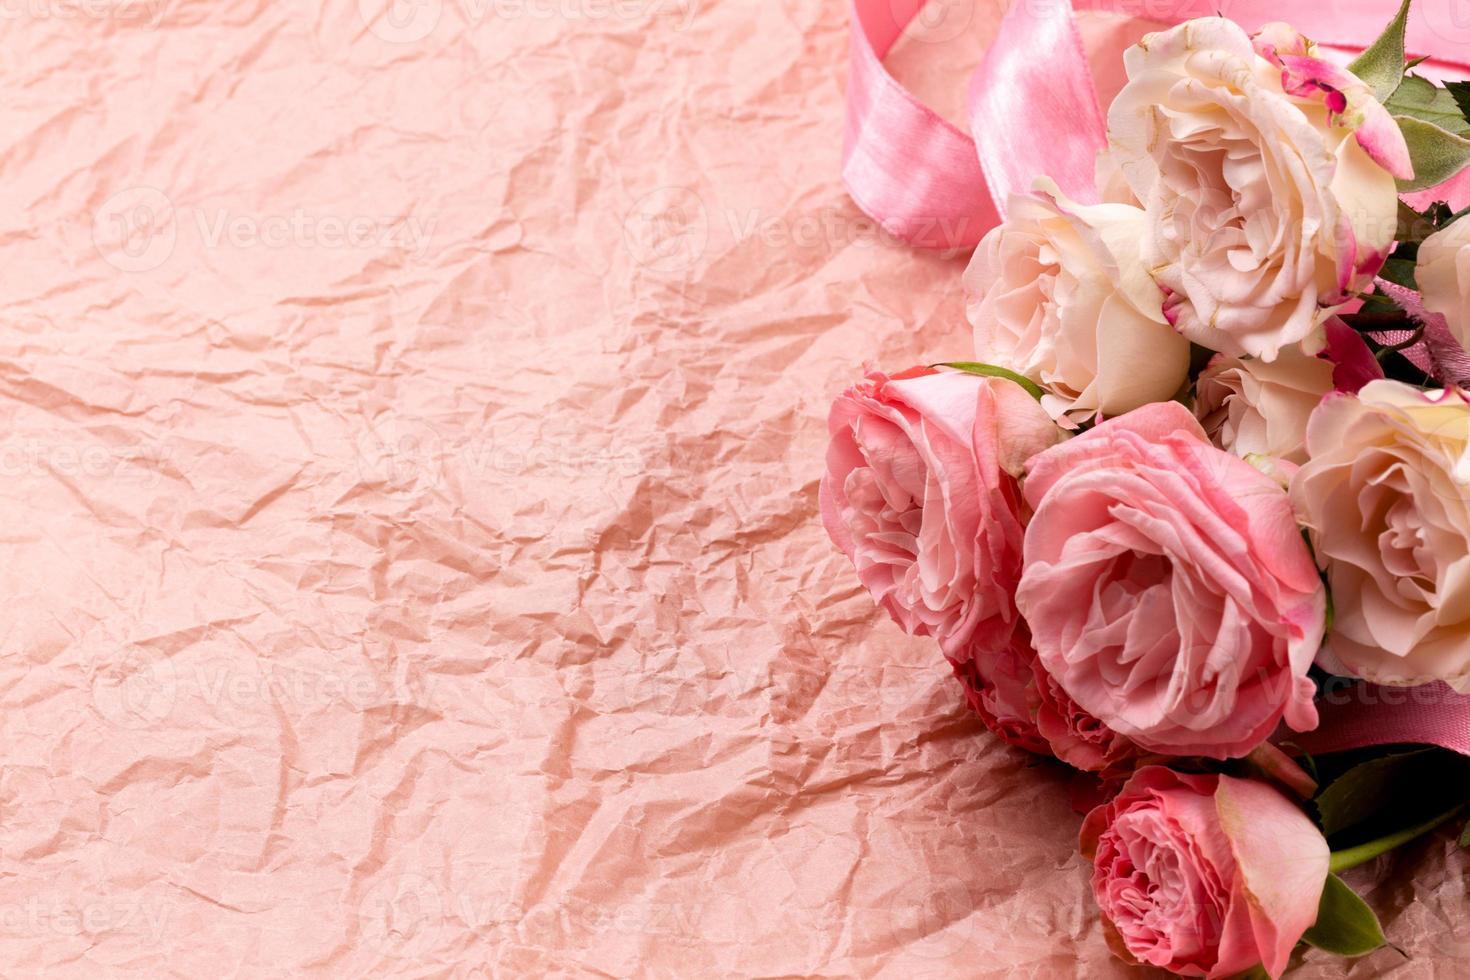 un bouquet de belles roses sur un fond rose artisanal avec un espace pour le texte photo